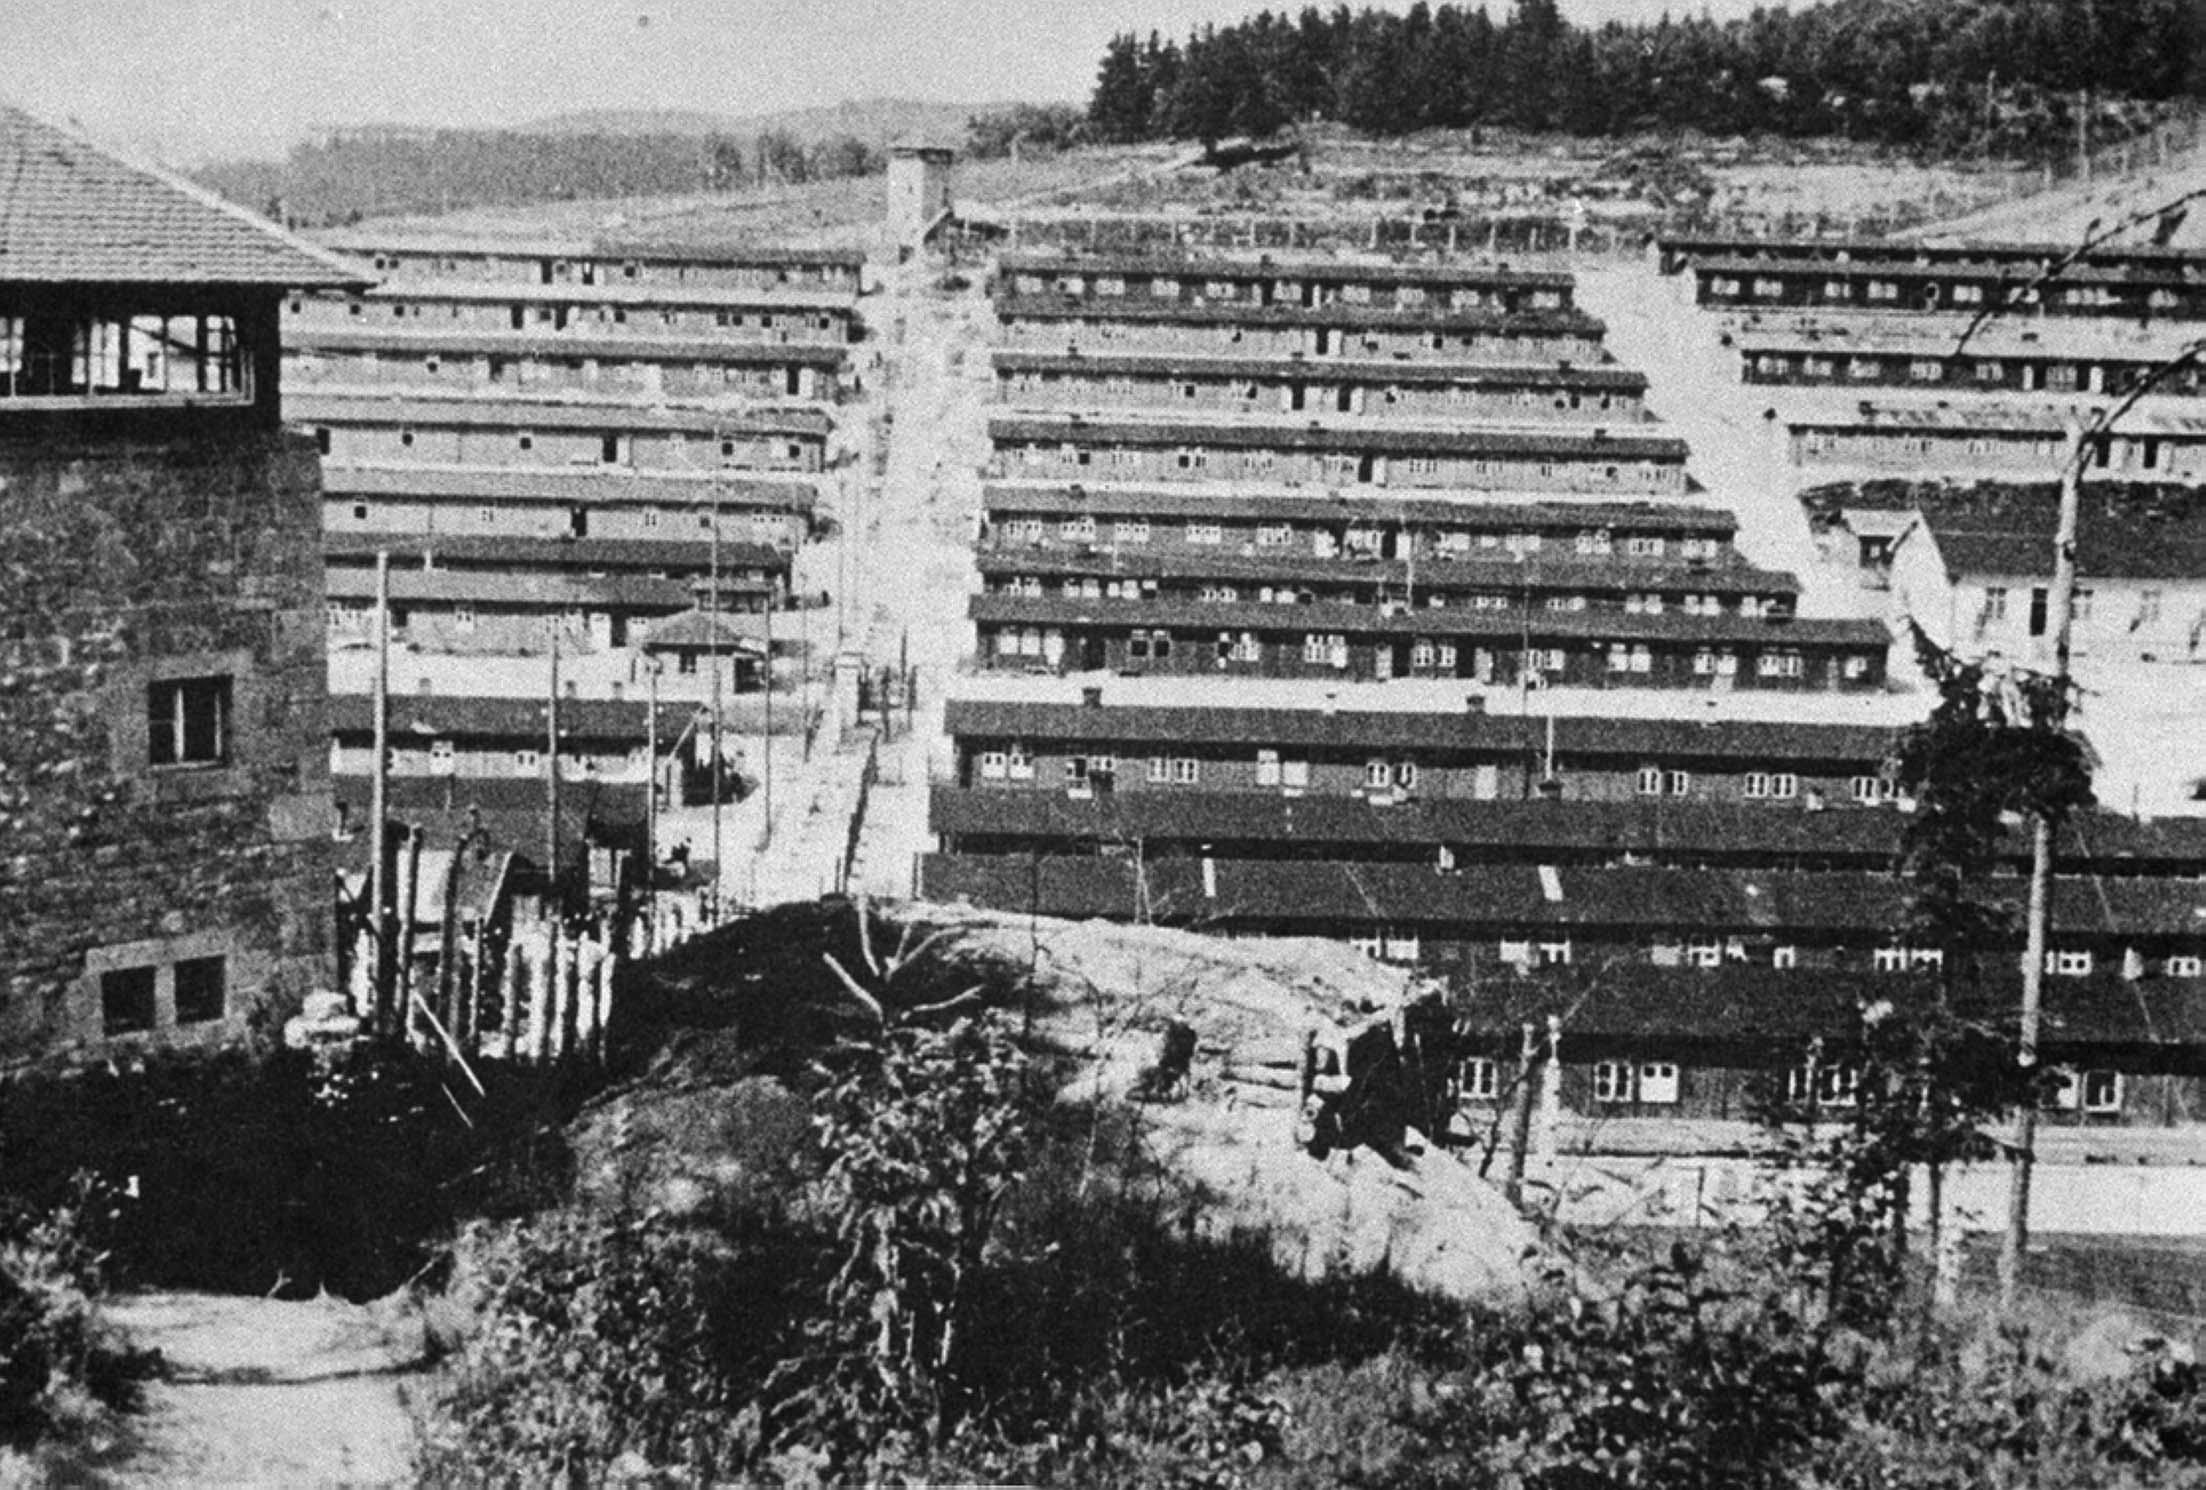 Lagerbaracken des fränkischen KZ Flossenbürg, 1945.